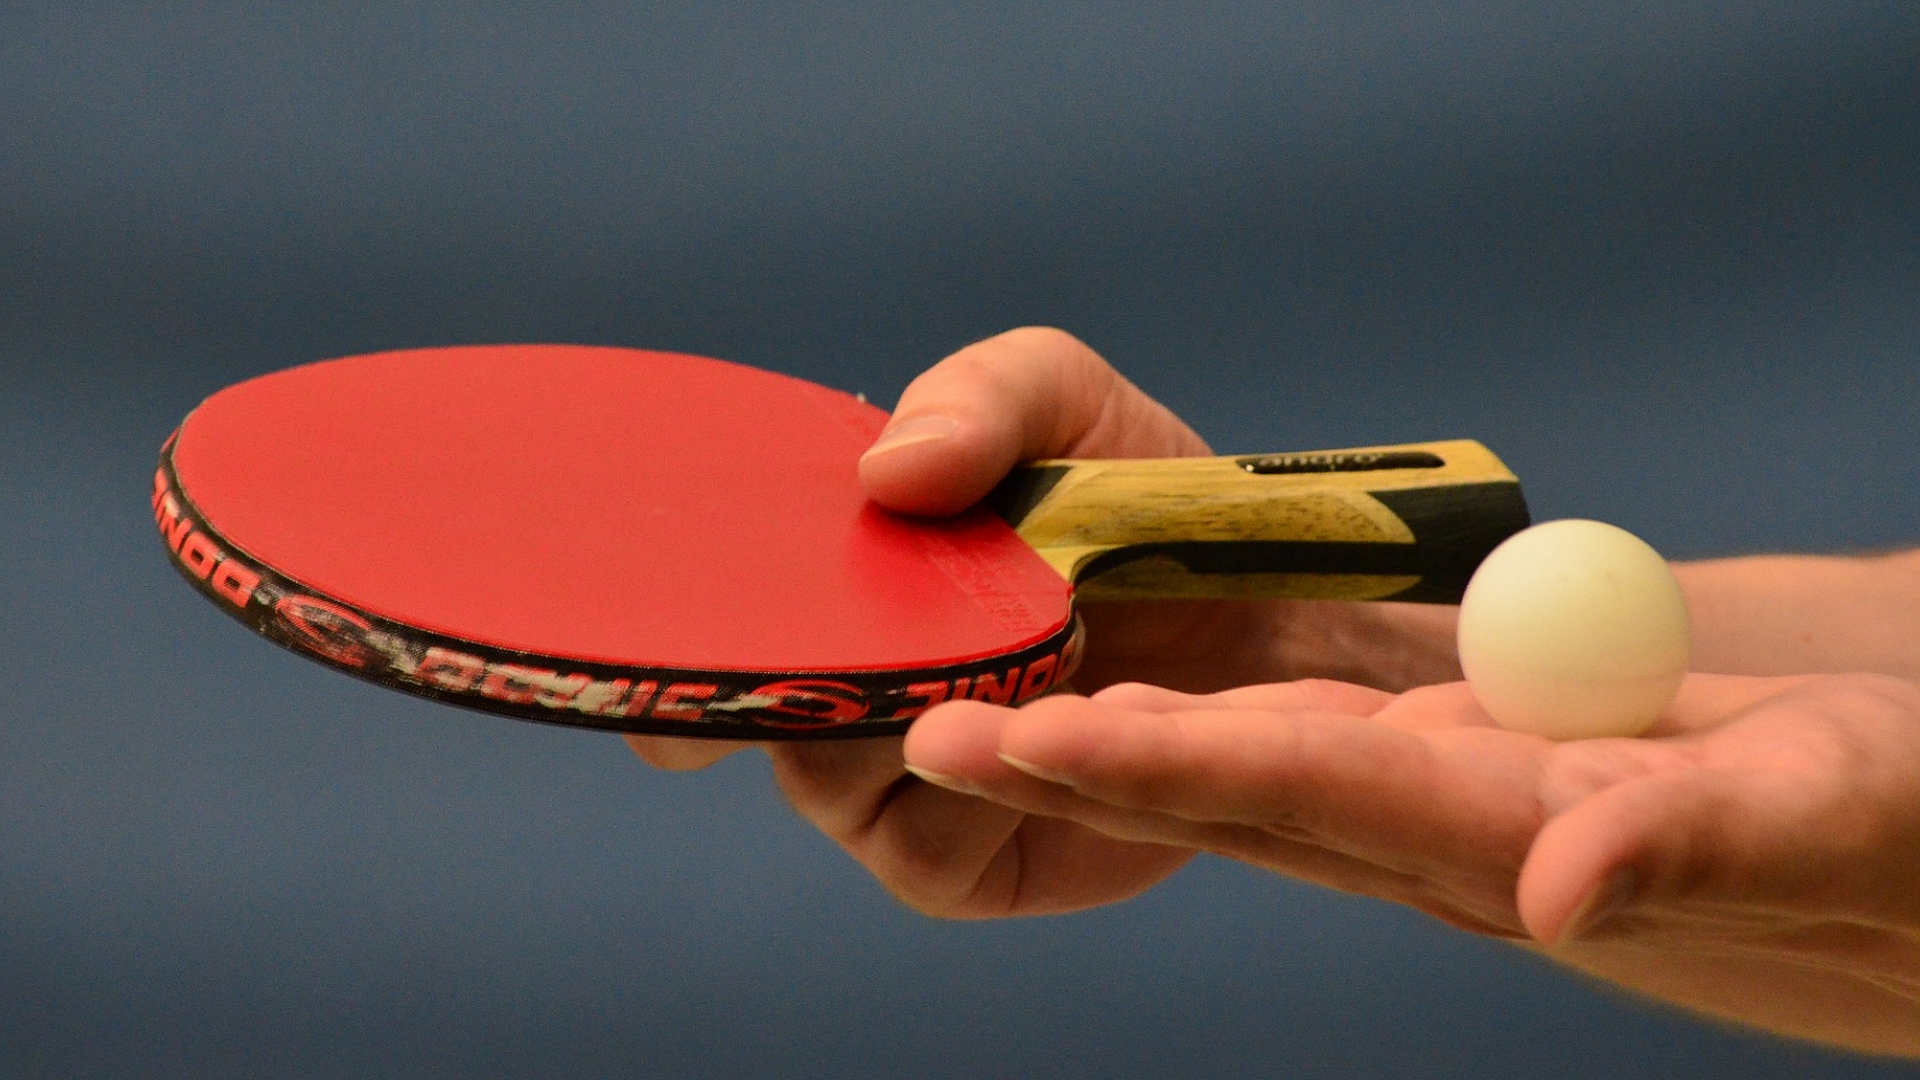 Pxhere - Stolní tenis Ilustrační foto